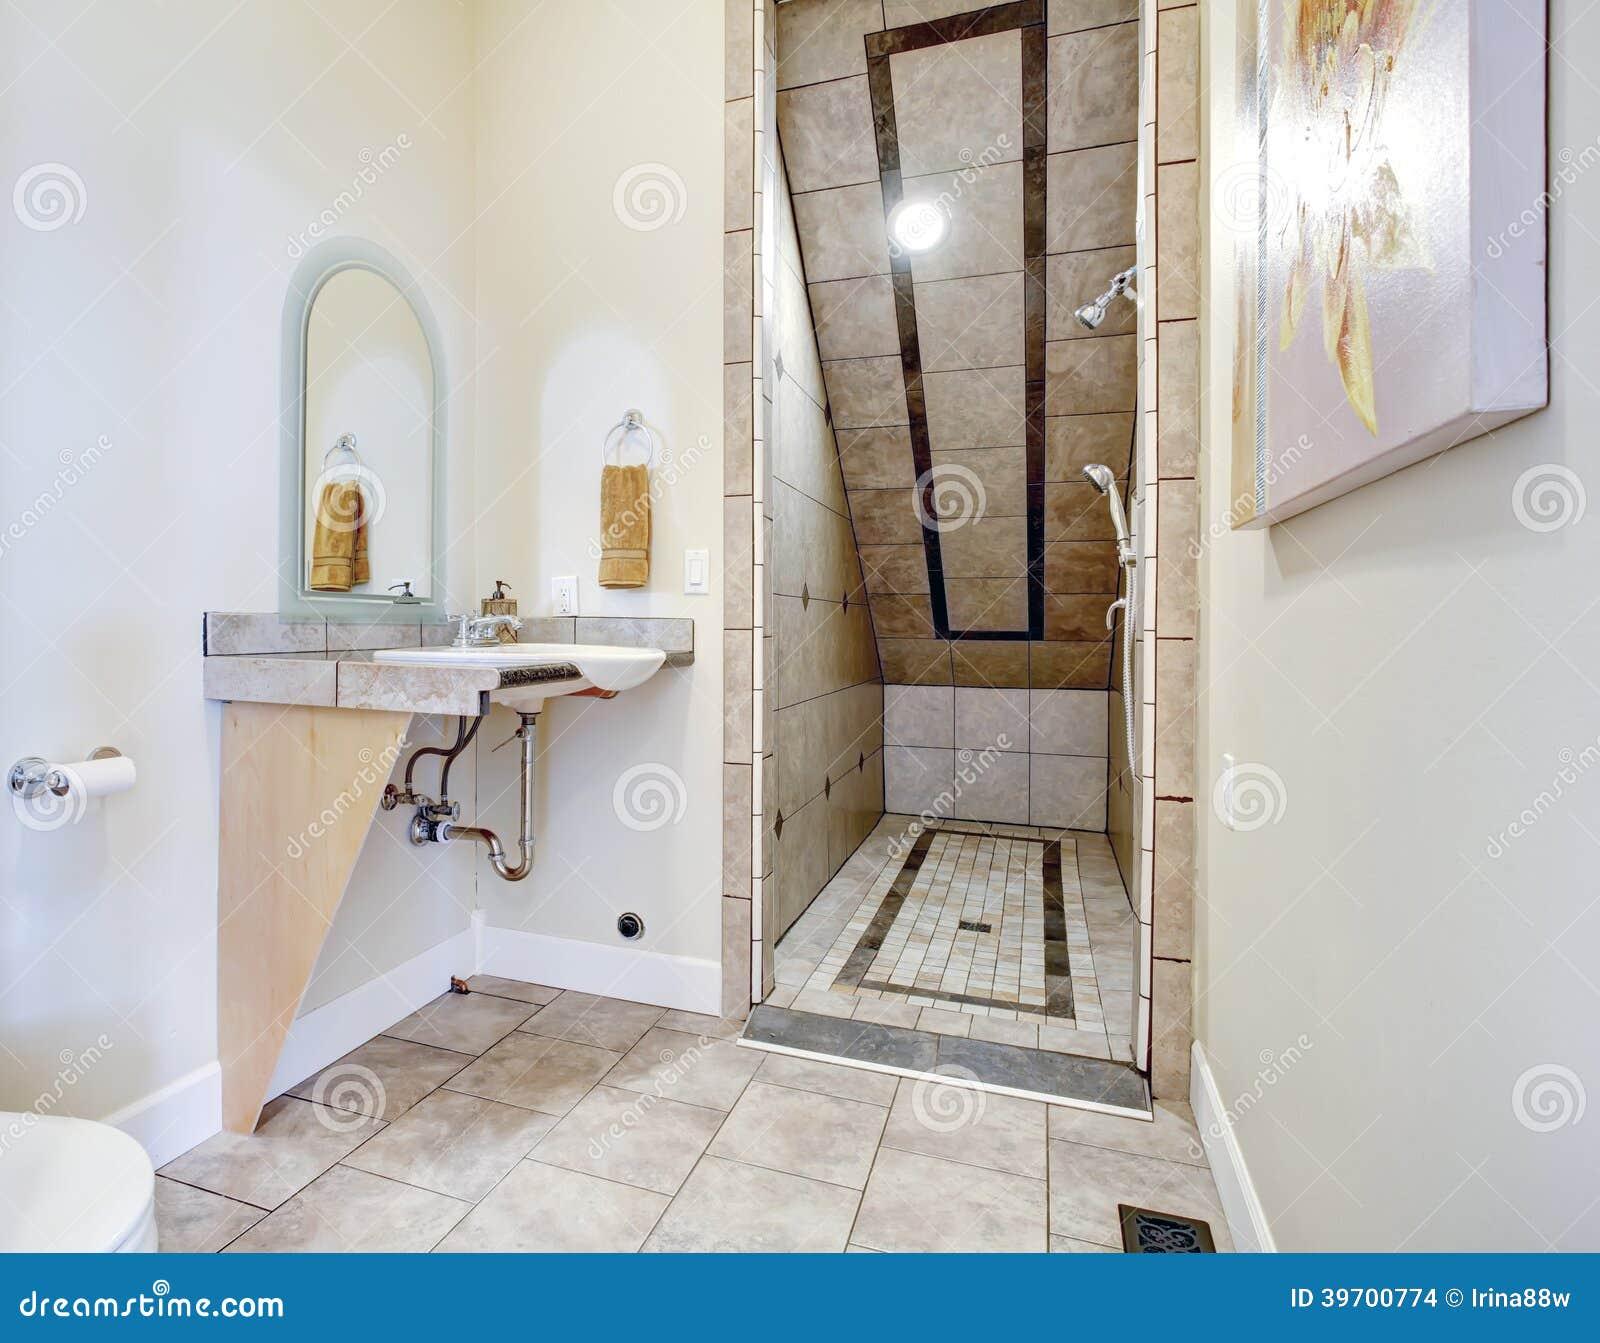 Banheiro Com área Do Chuveiro Do Teto Arcado Foto de Stock  Imagem 39700774 -> Banheiro Pequeno Chuveiro